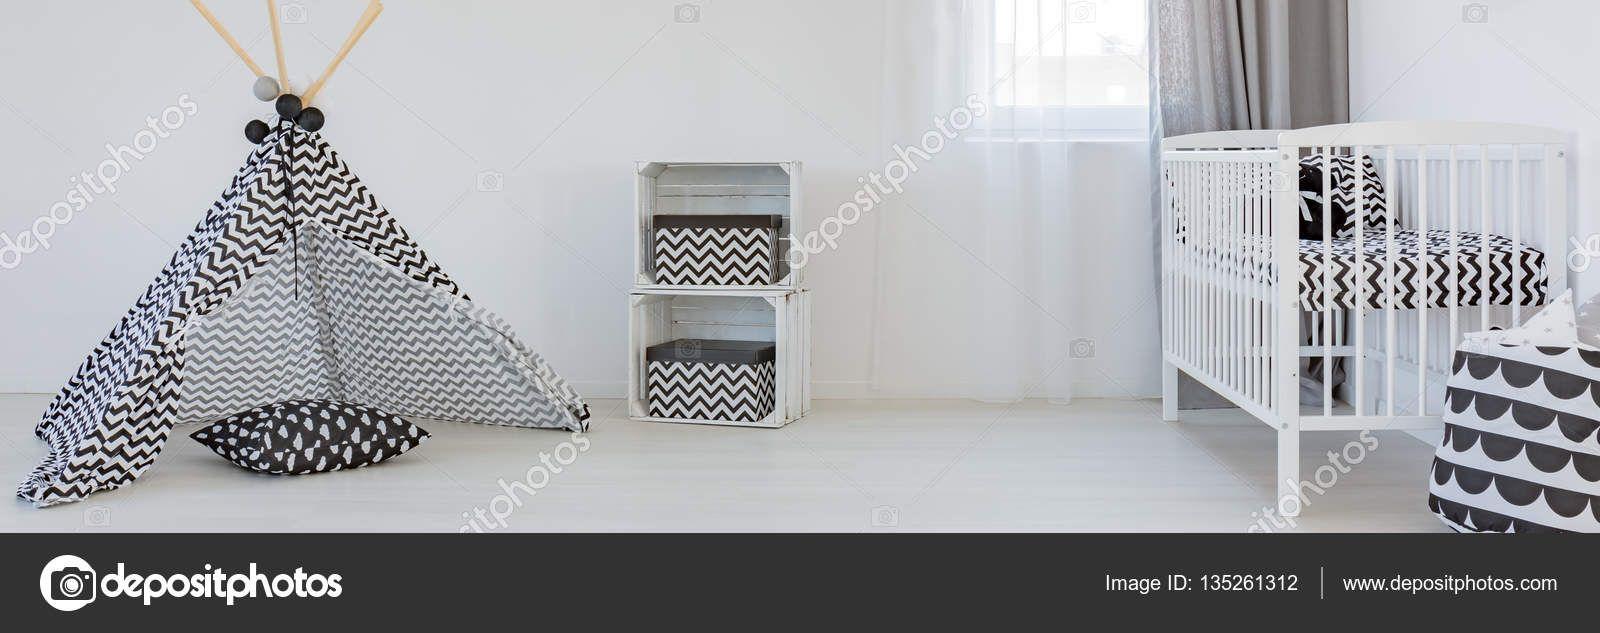 Czarno-białe przedszkola — Obraz stockowy #135261312